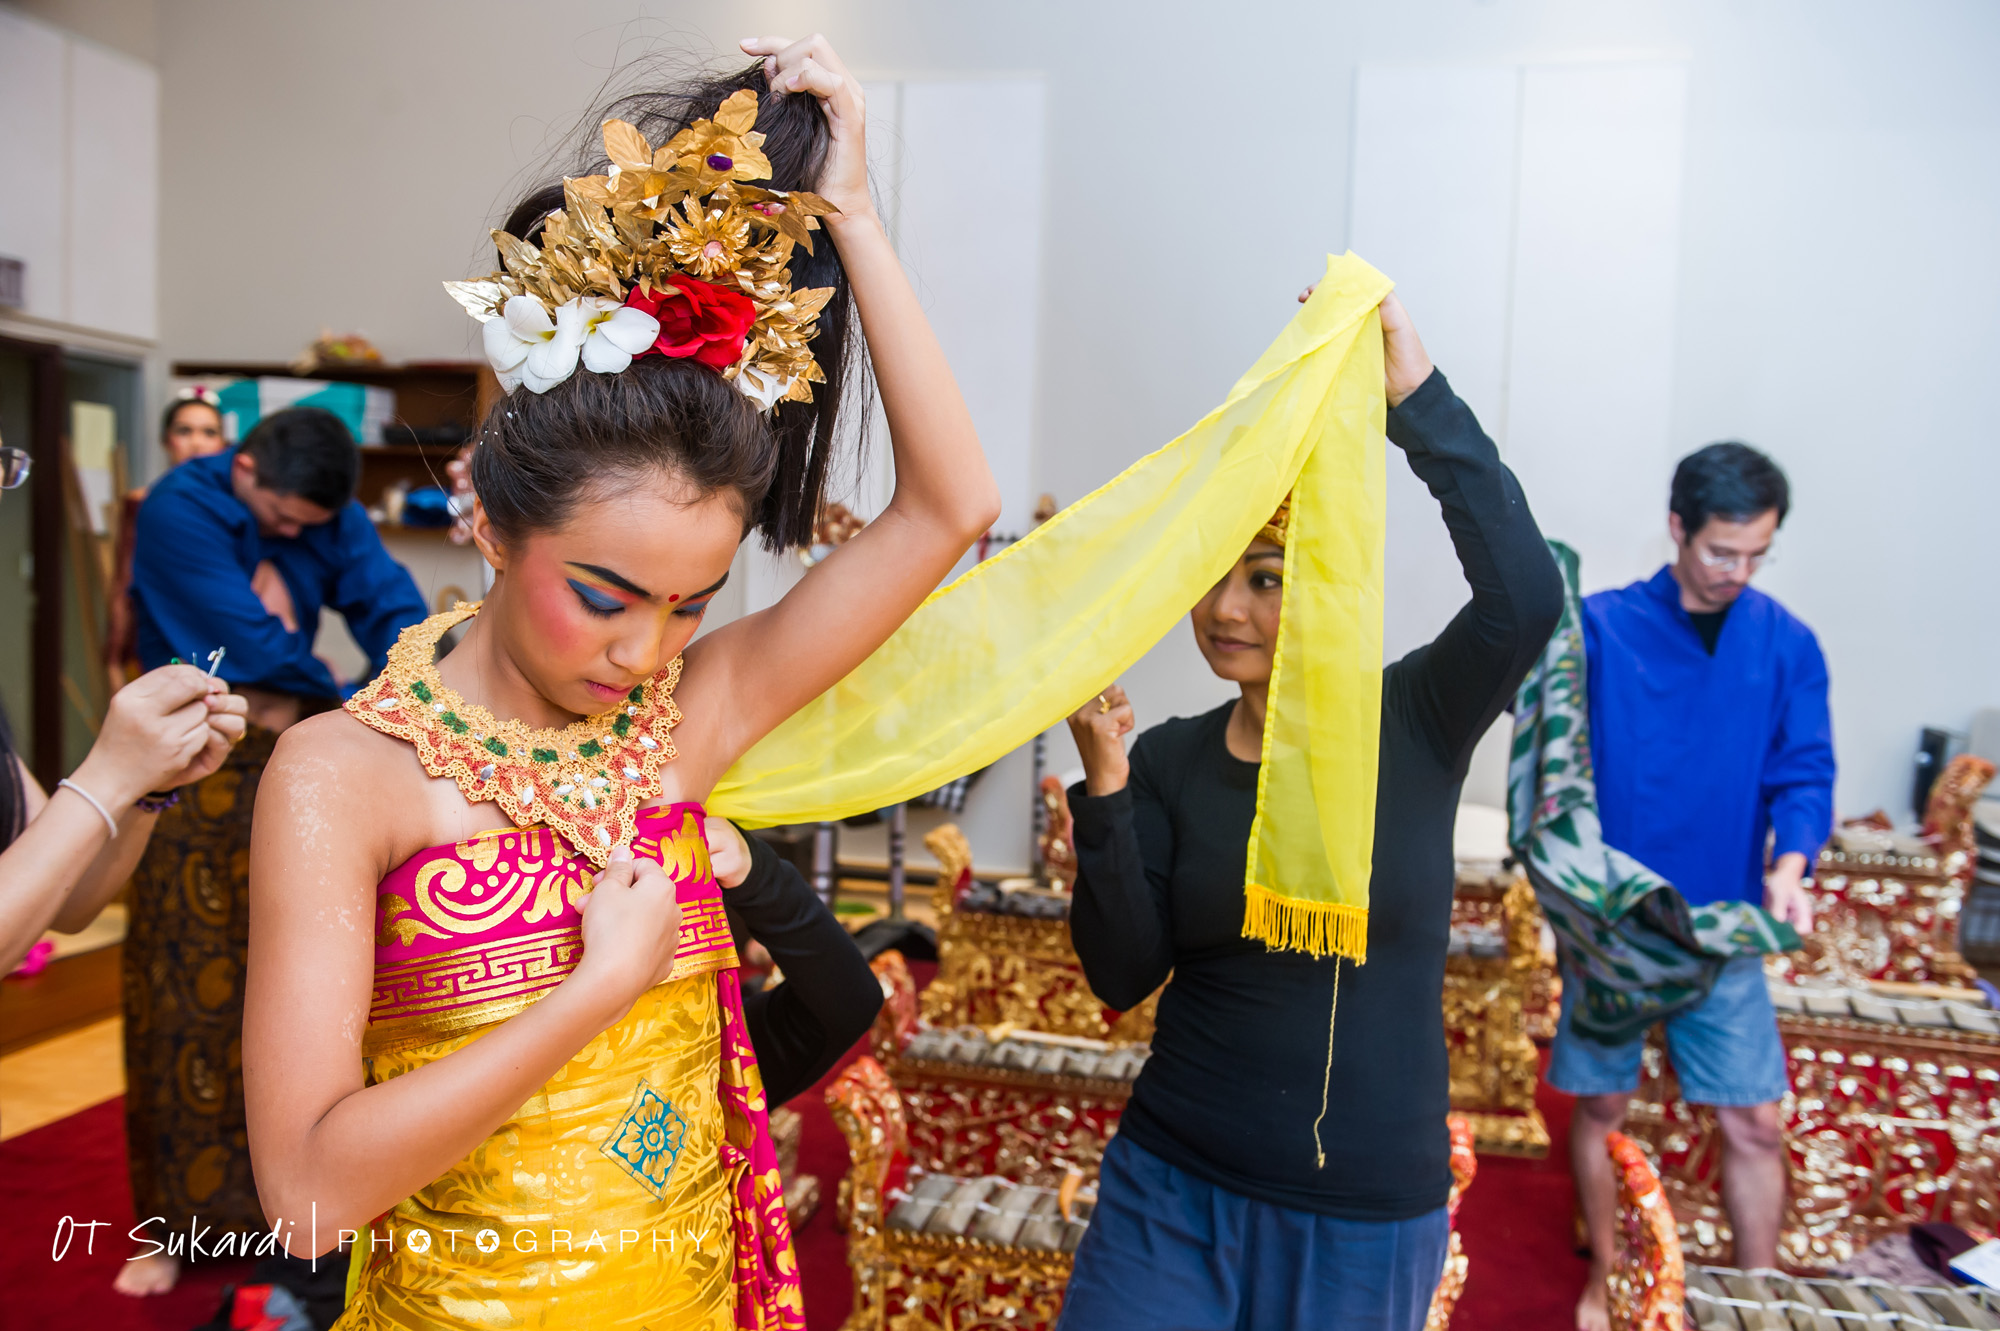 Performer being dressed